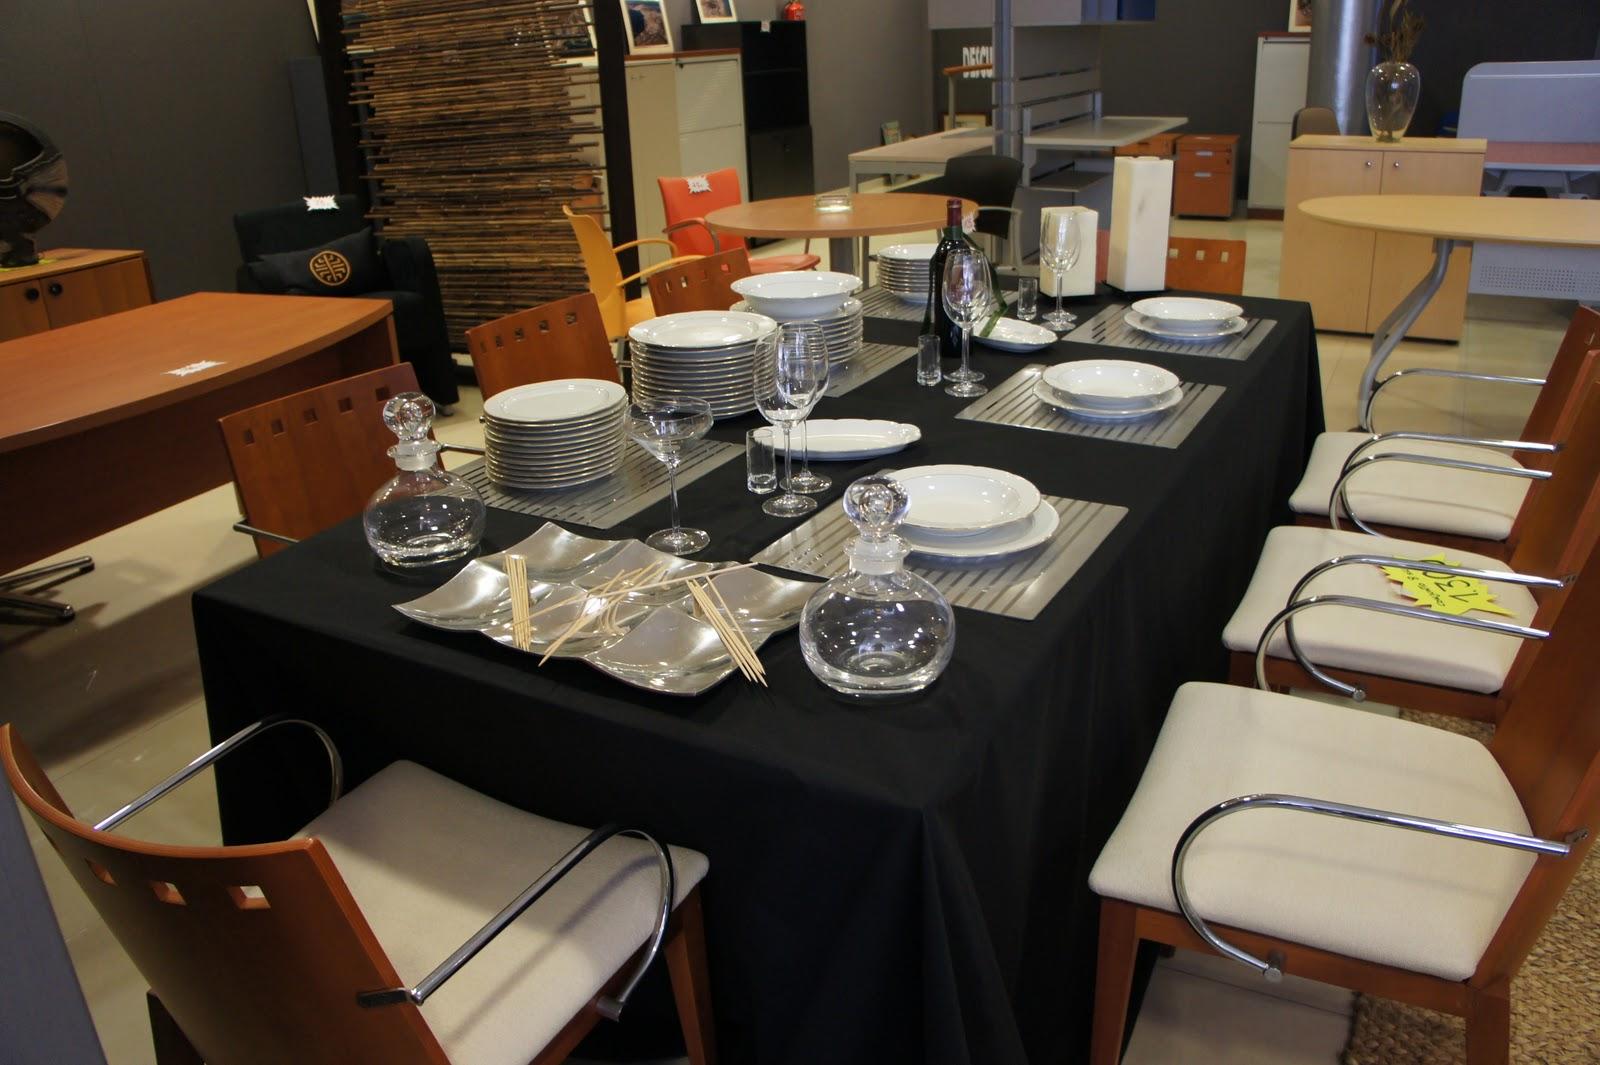 Outlet mobiliario oficina y hogar vajilla de santa clara for Outlet mobiliario oficina